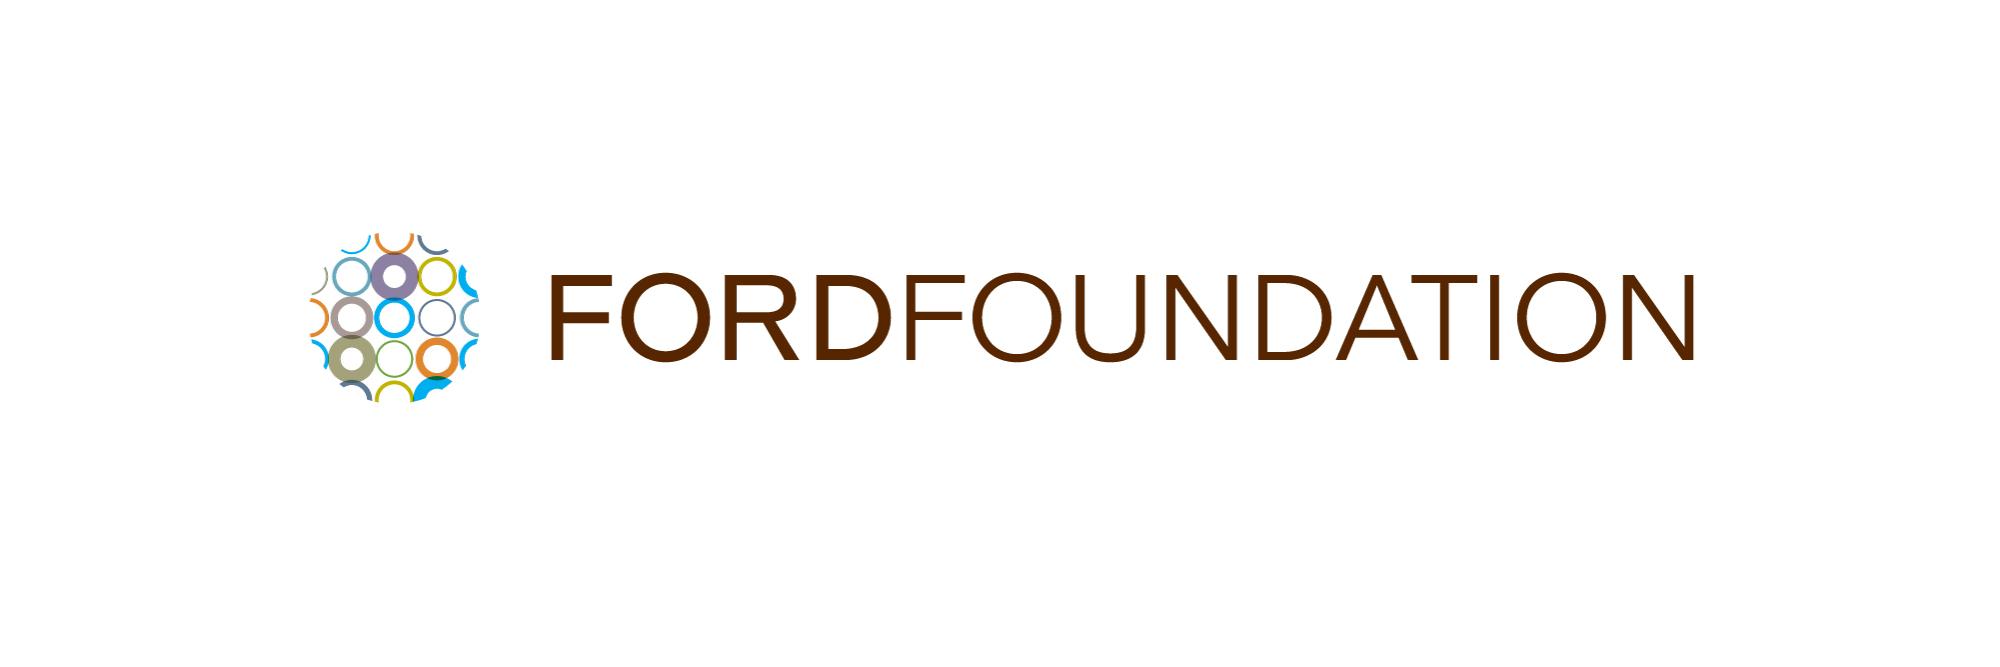 ford-foundation.jpg